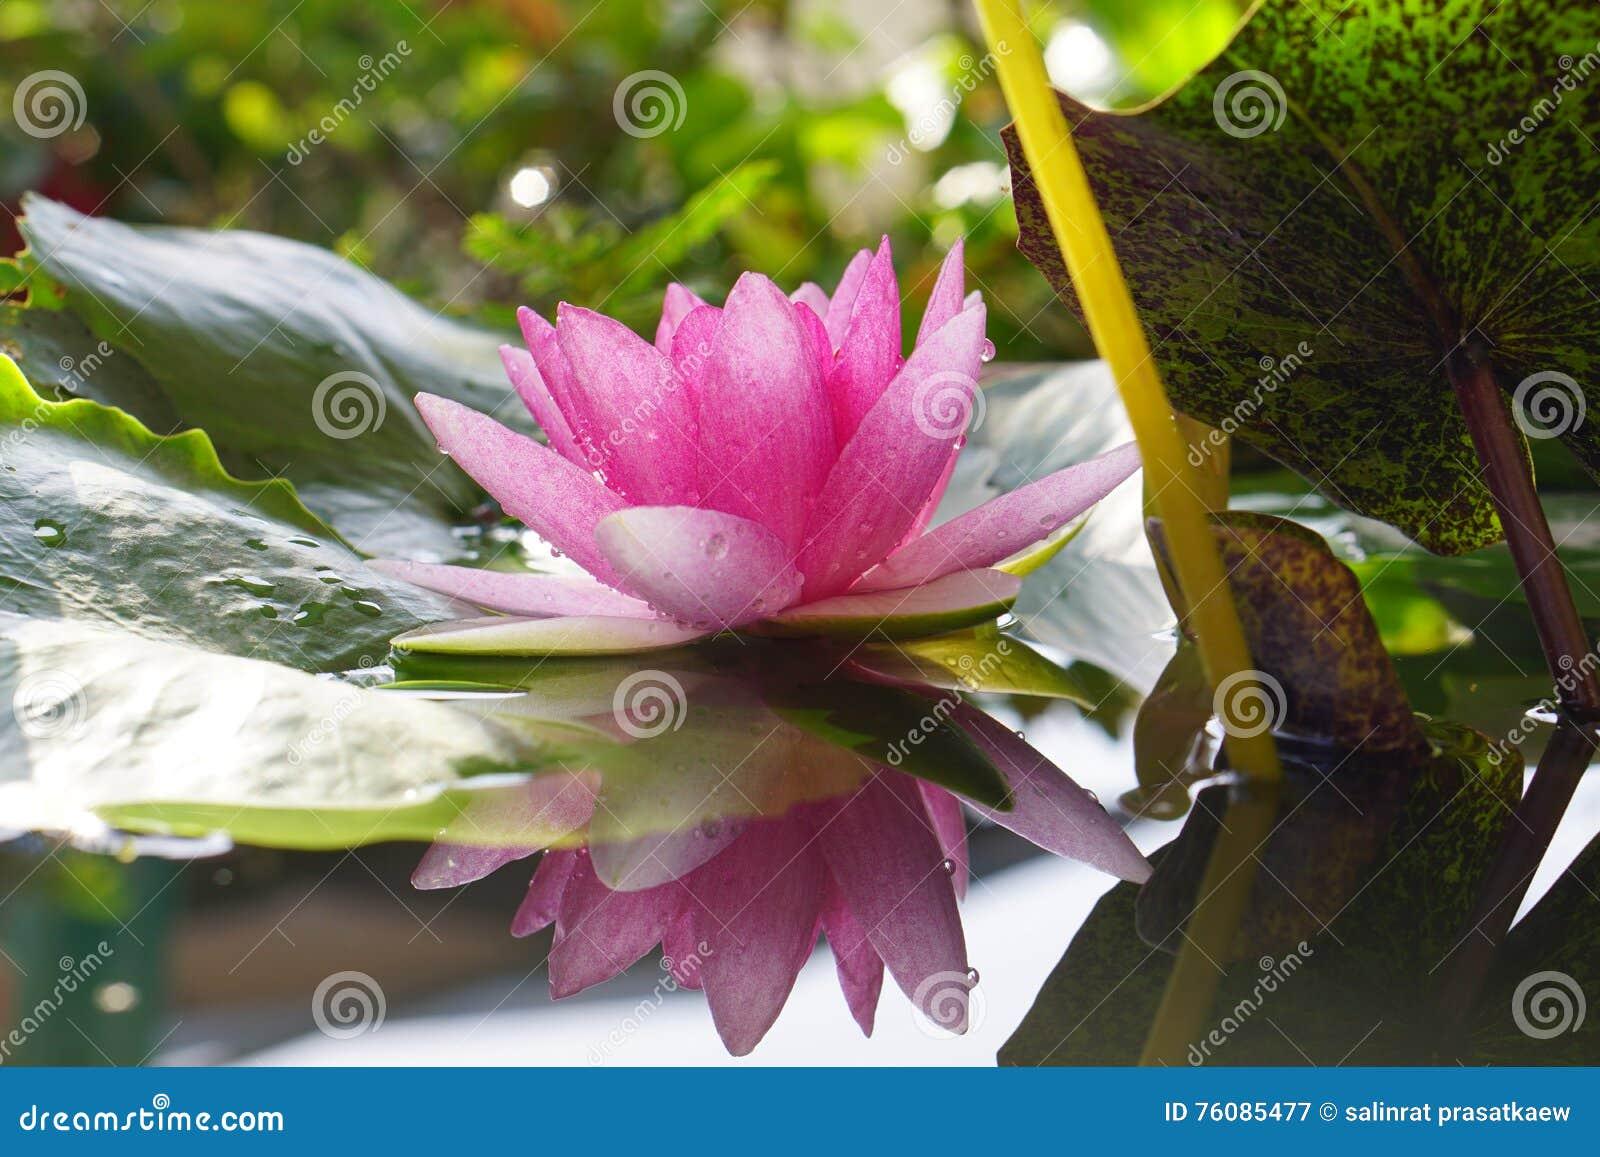 La fleur de Lotus rose fleurit sur le jardin